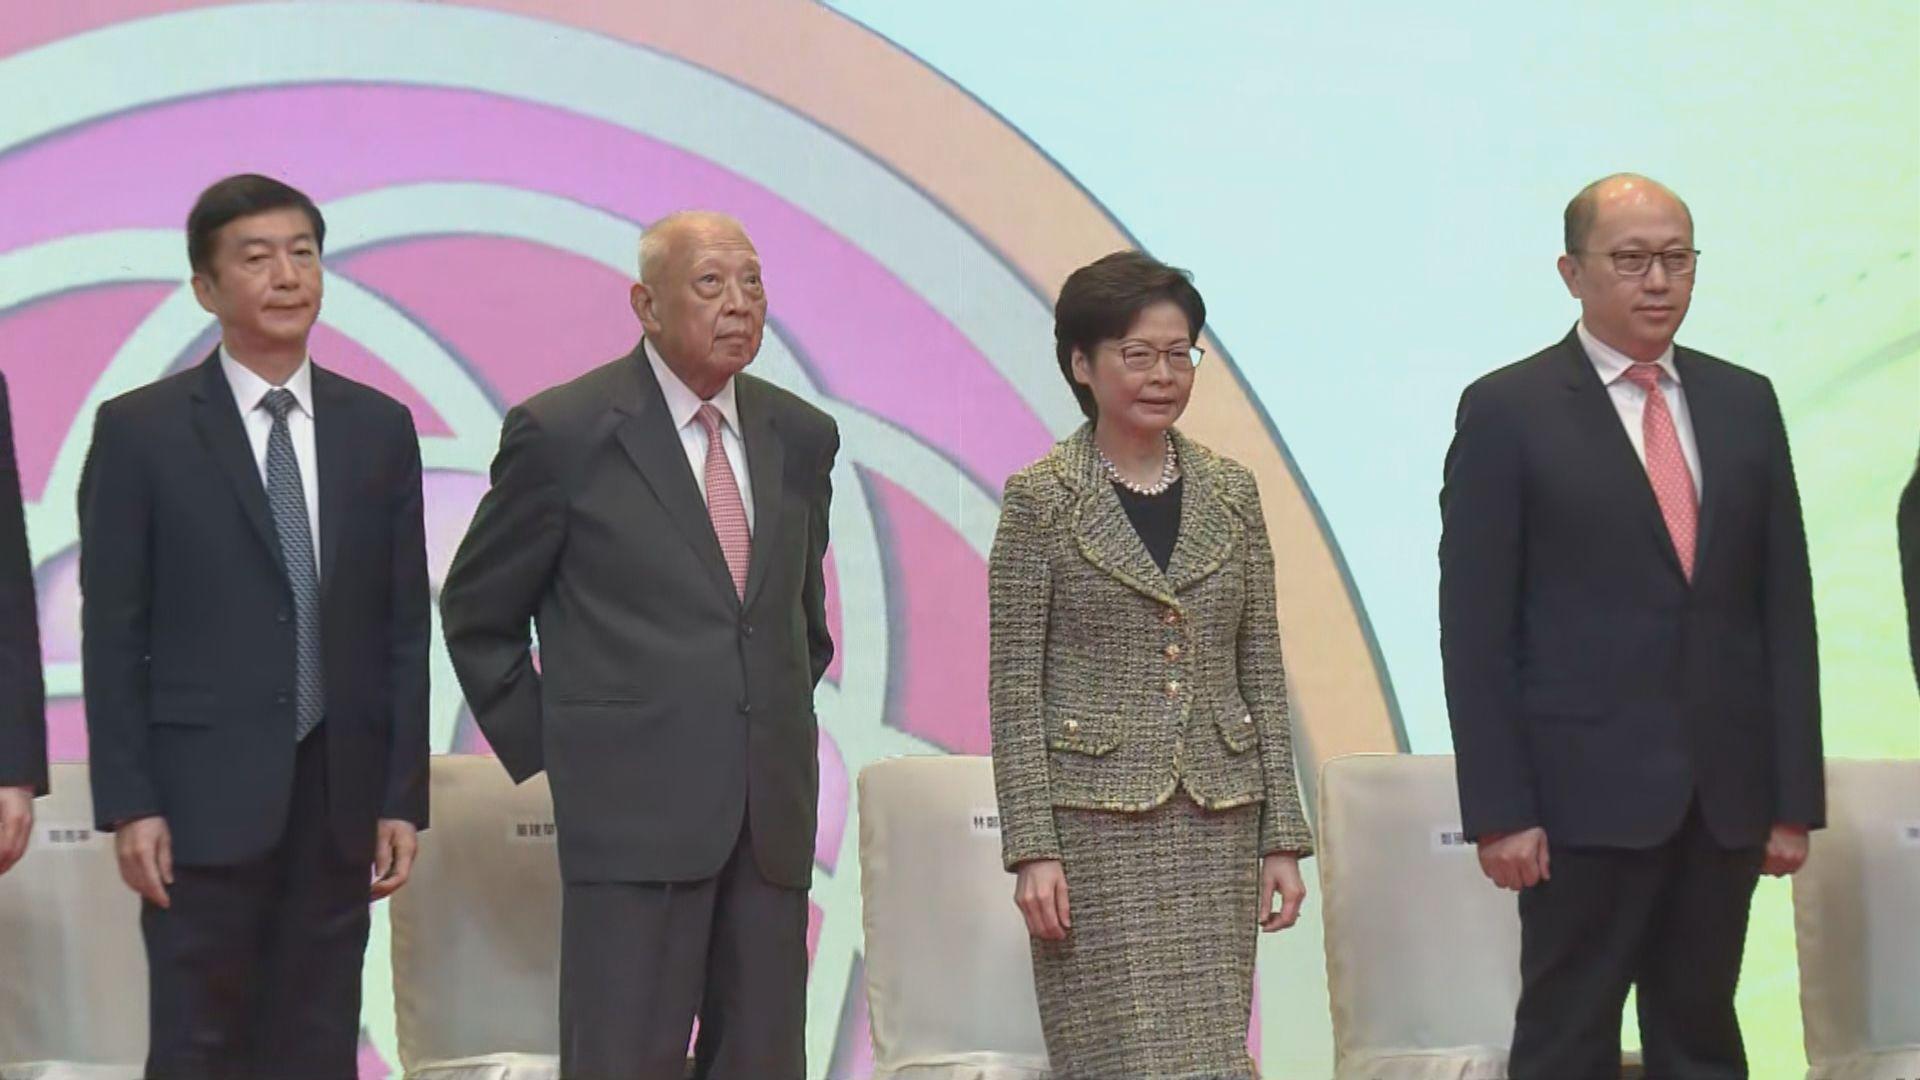 駱惠寧:須加強港人國家意識 維護一國才有兩制空間